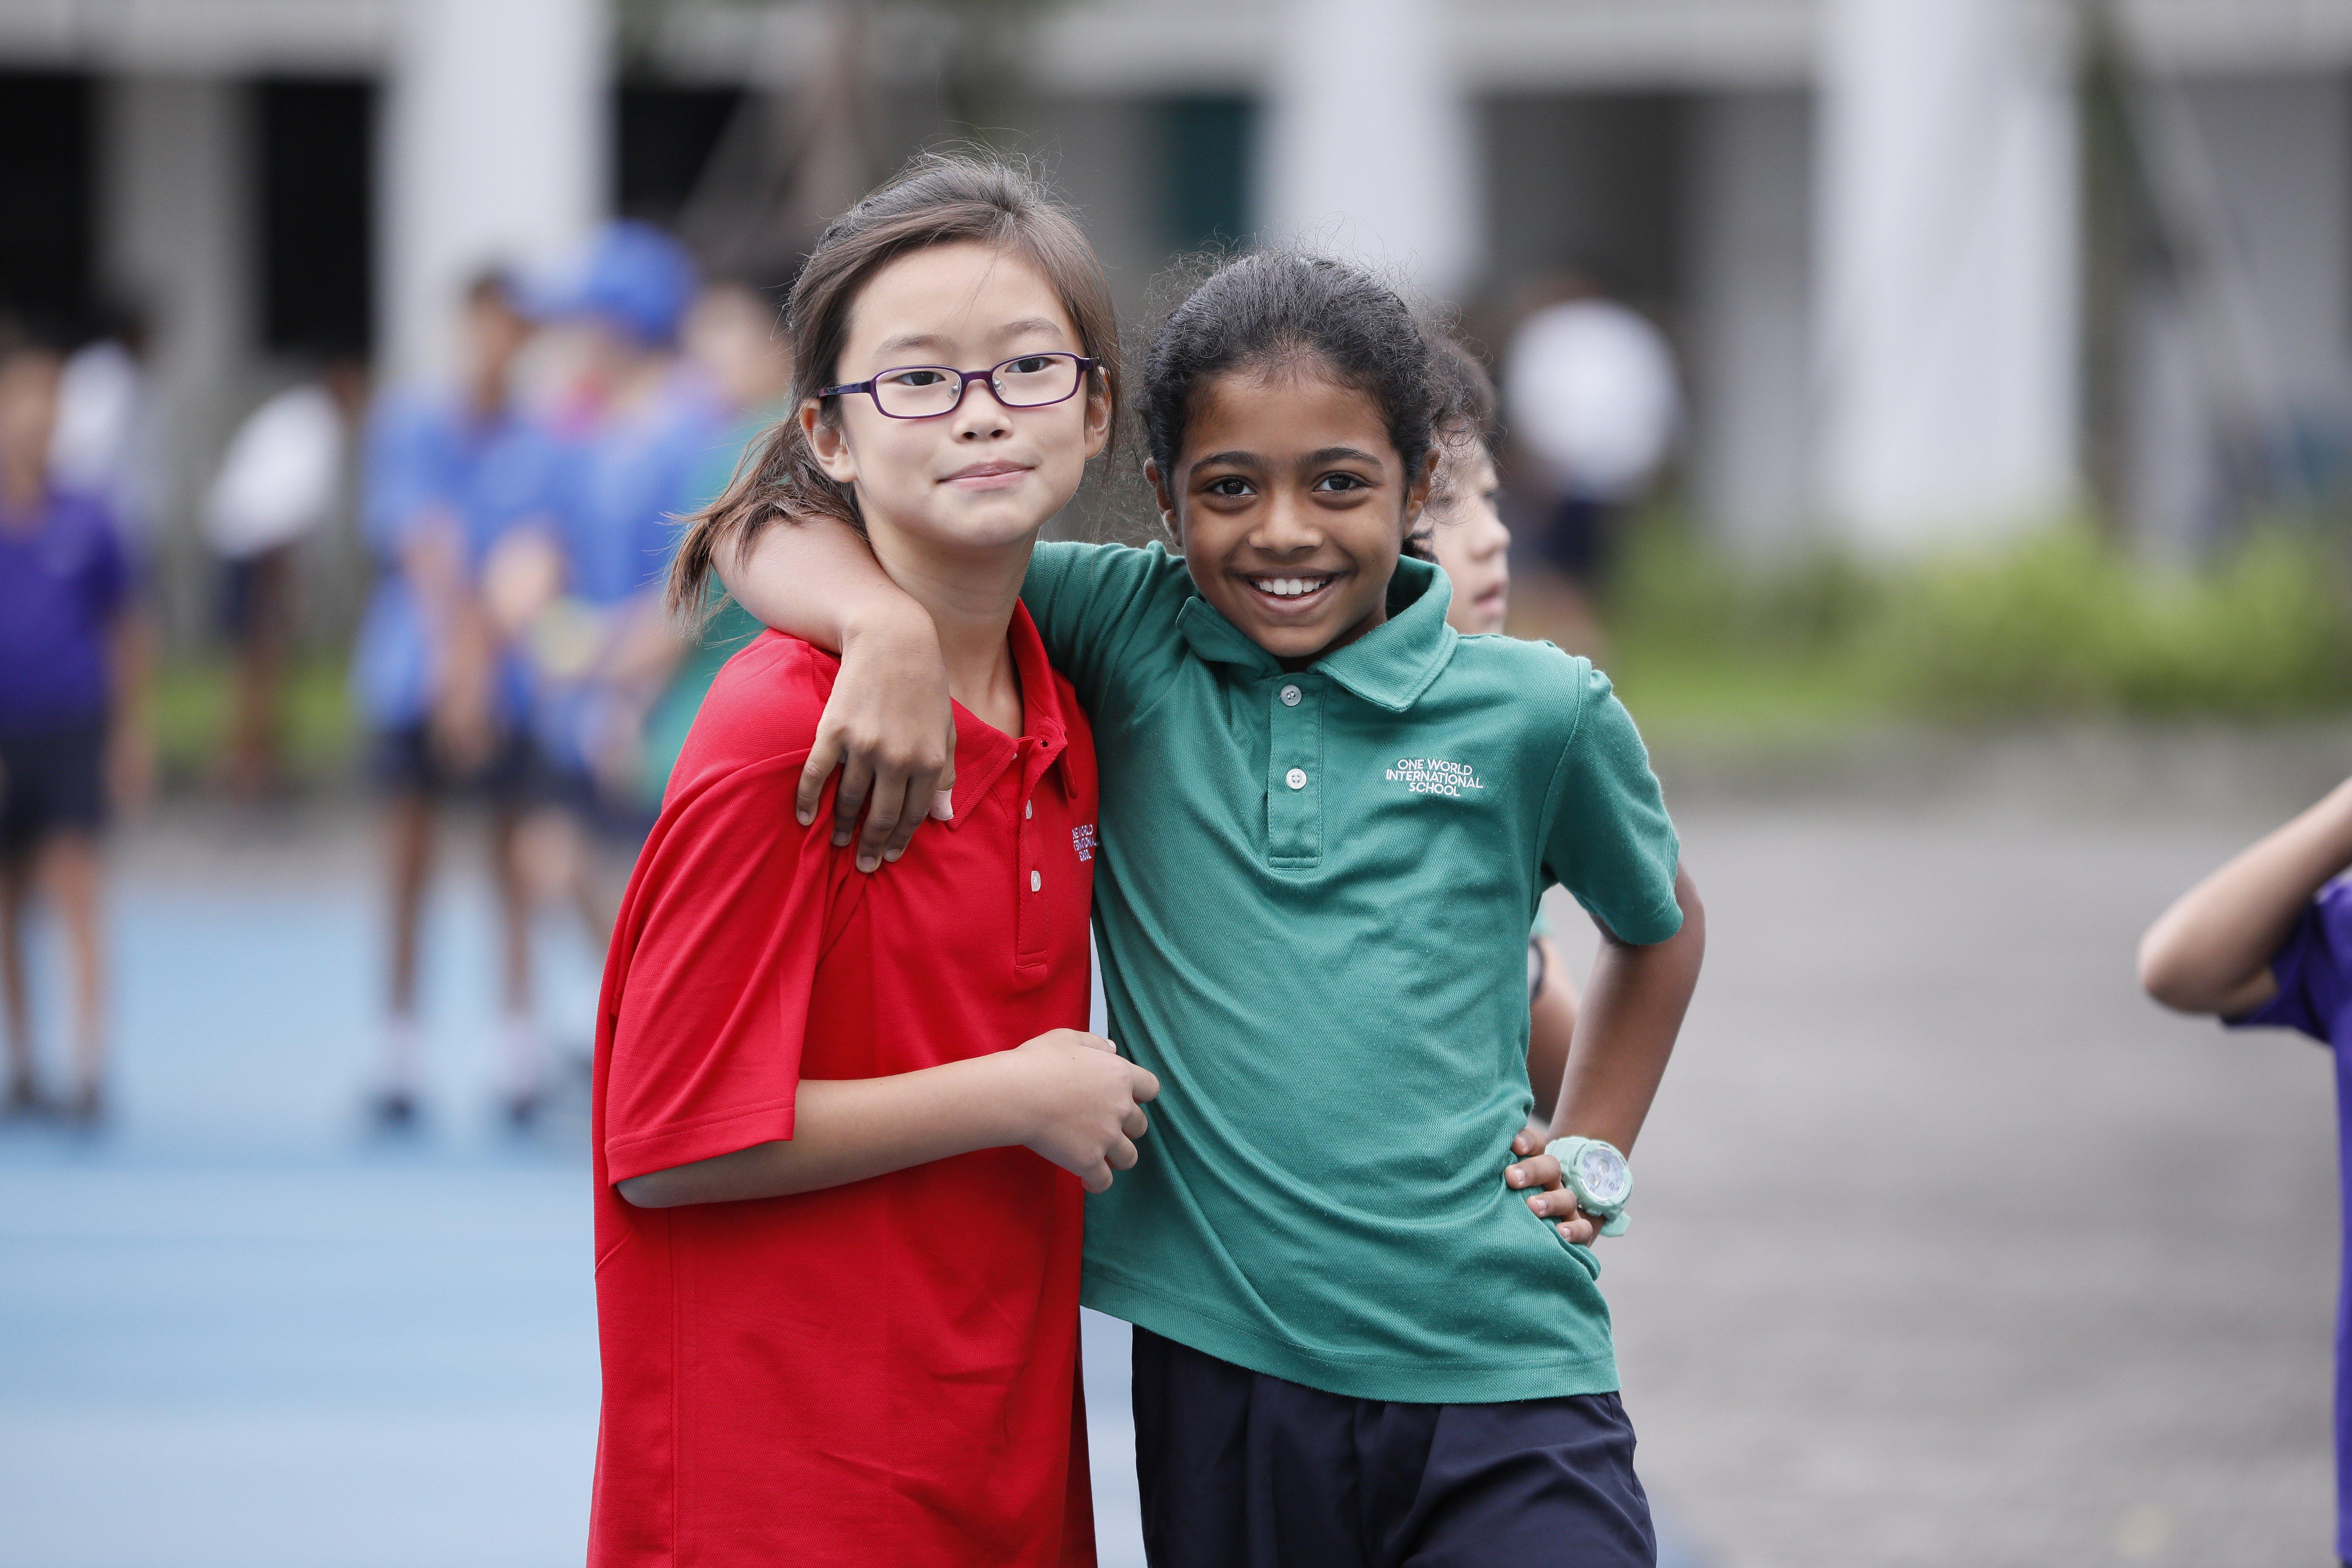 friends-posing-outside-of-school